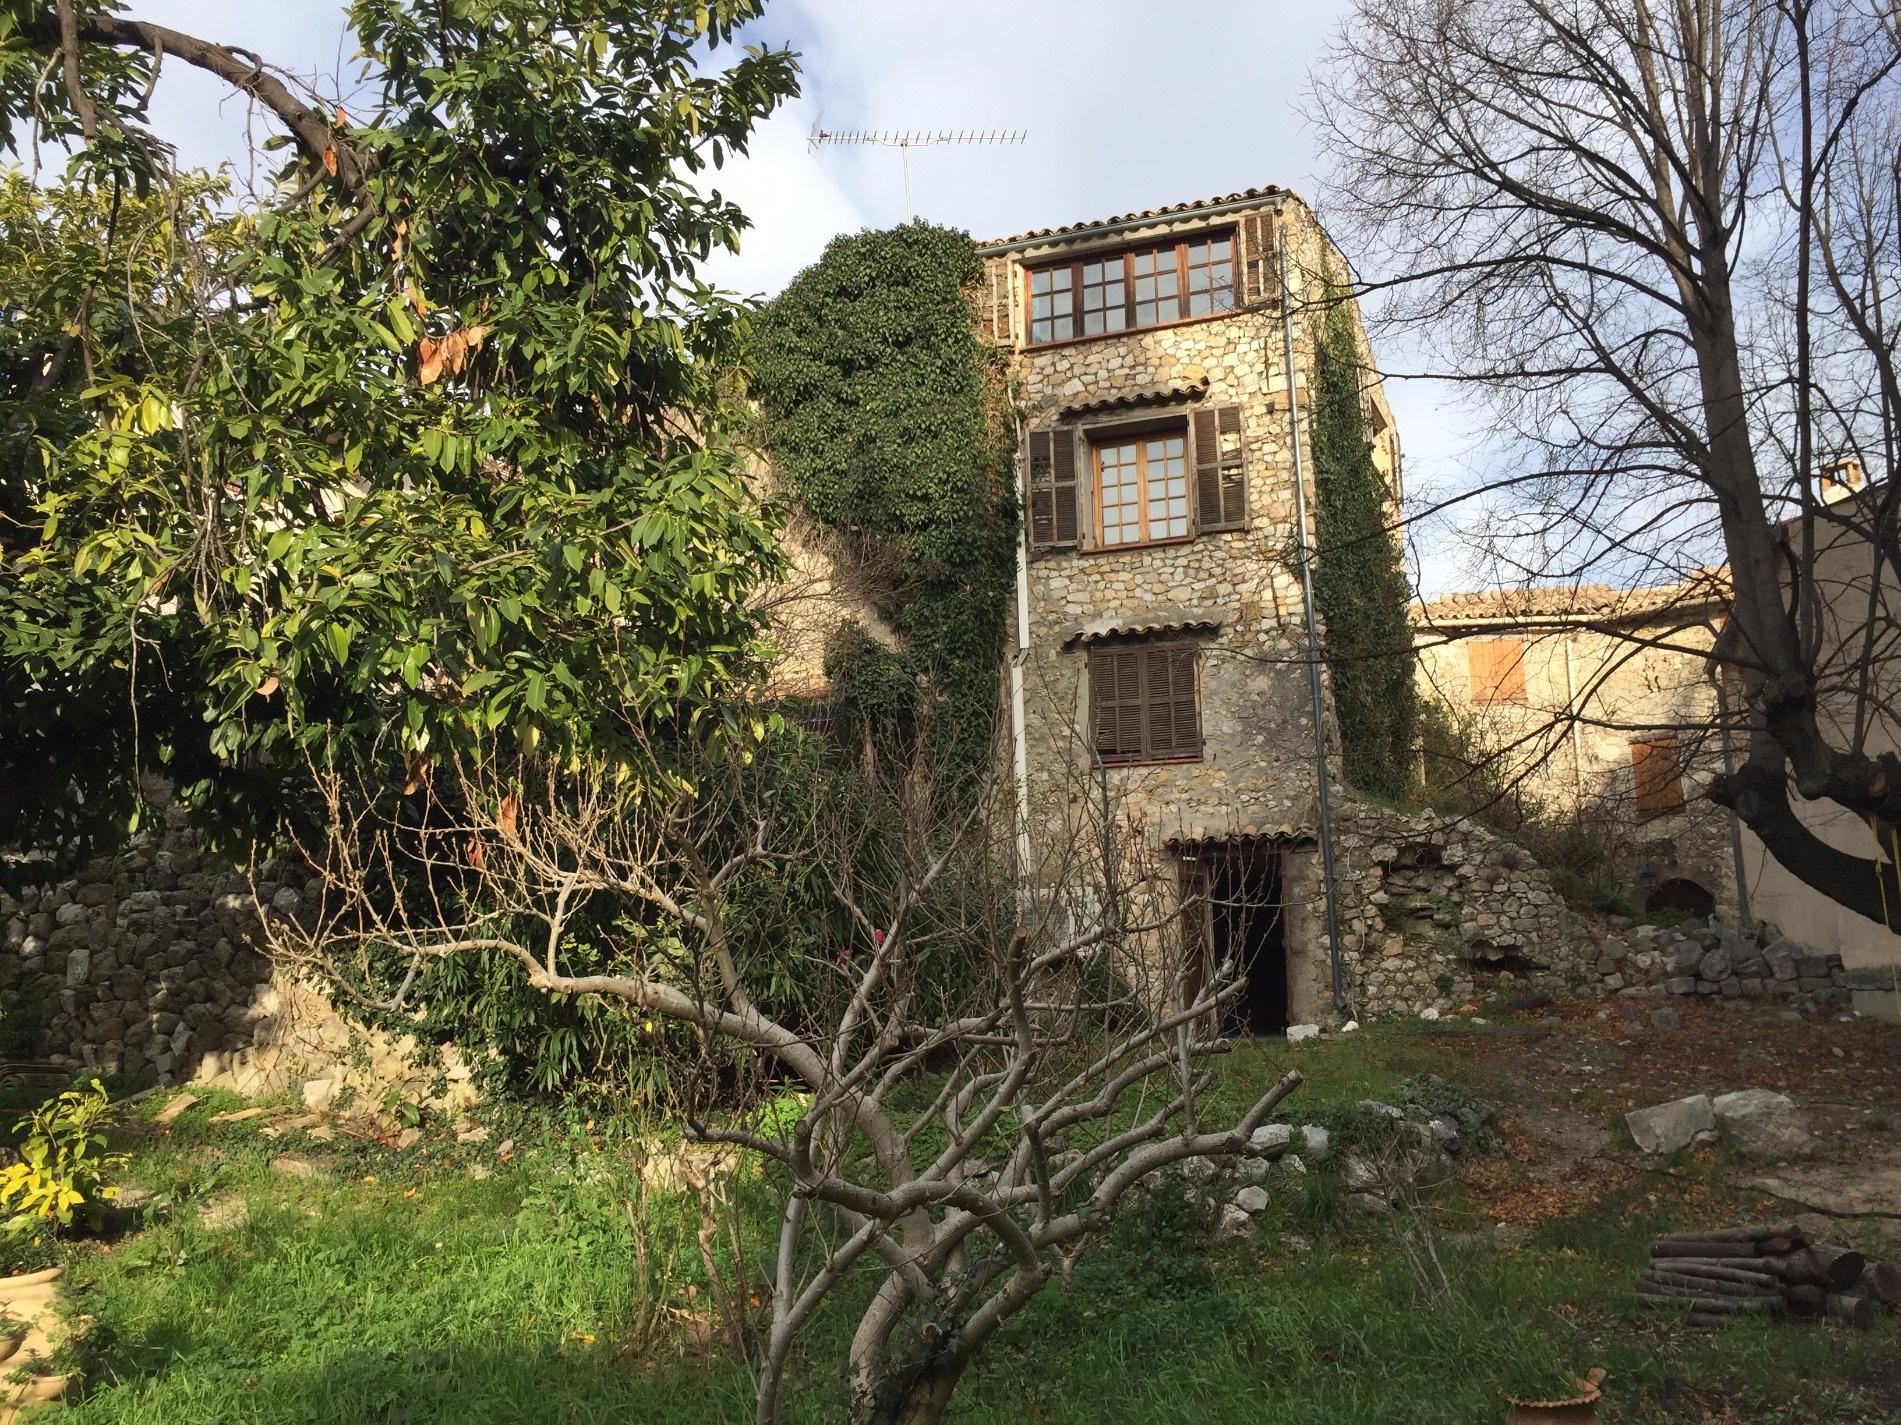 Vente unique maison de village avec jardin - Recherche maison a louer avec jardin ...